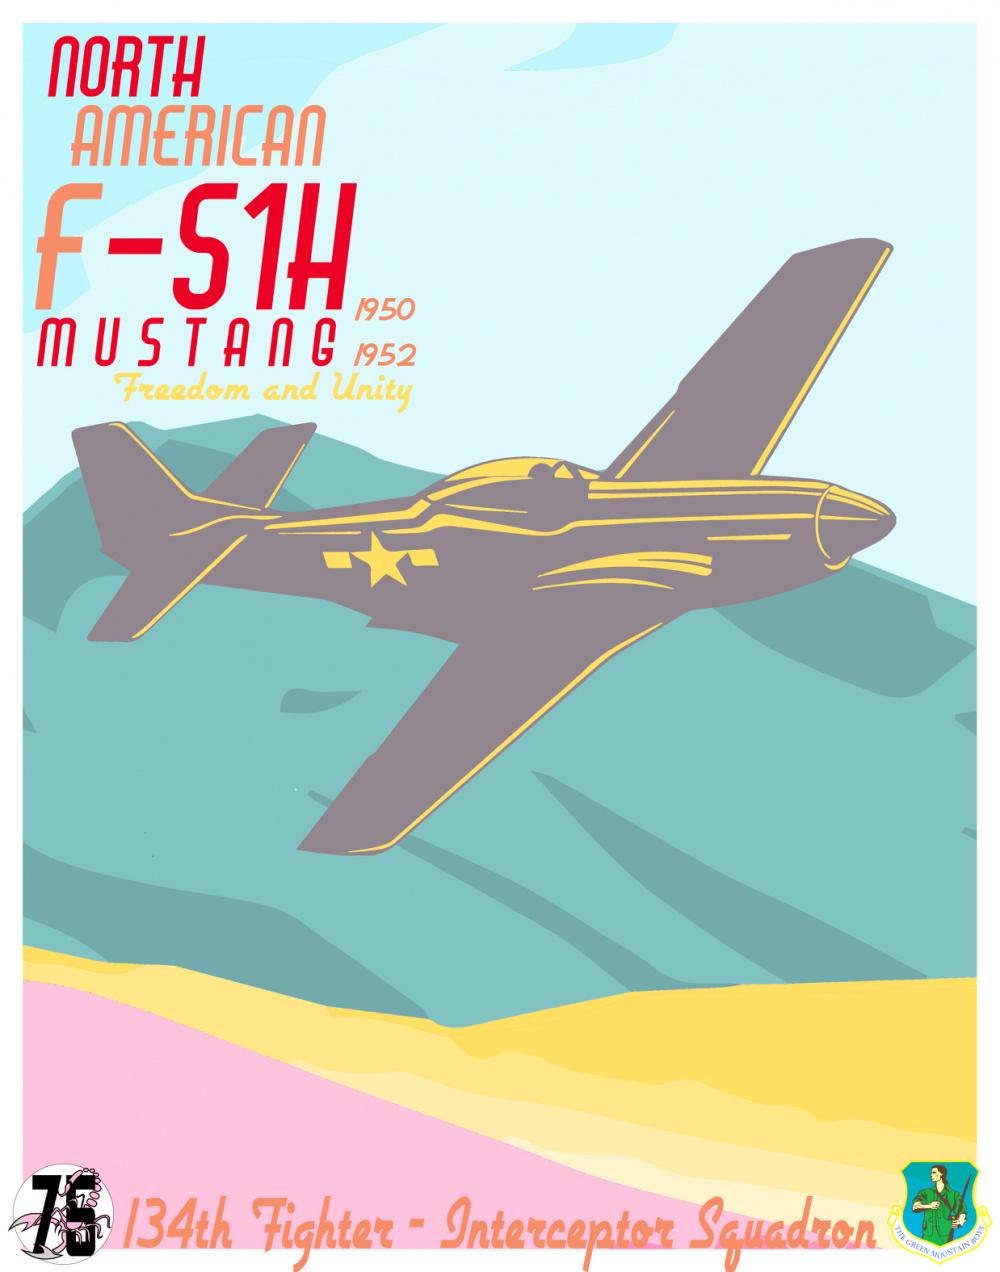 134th FS Celebrates 75th Anniversary with 1950s Artwork